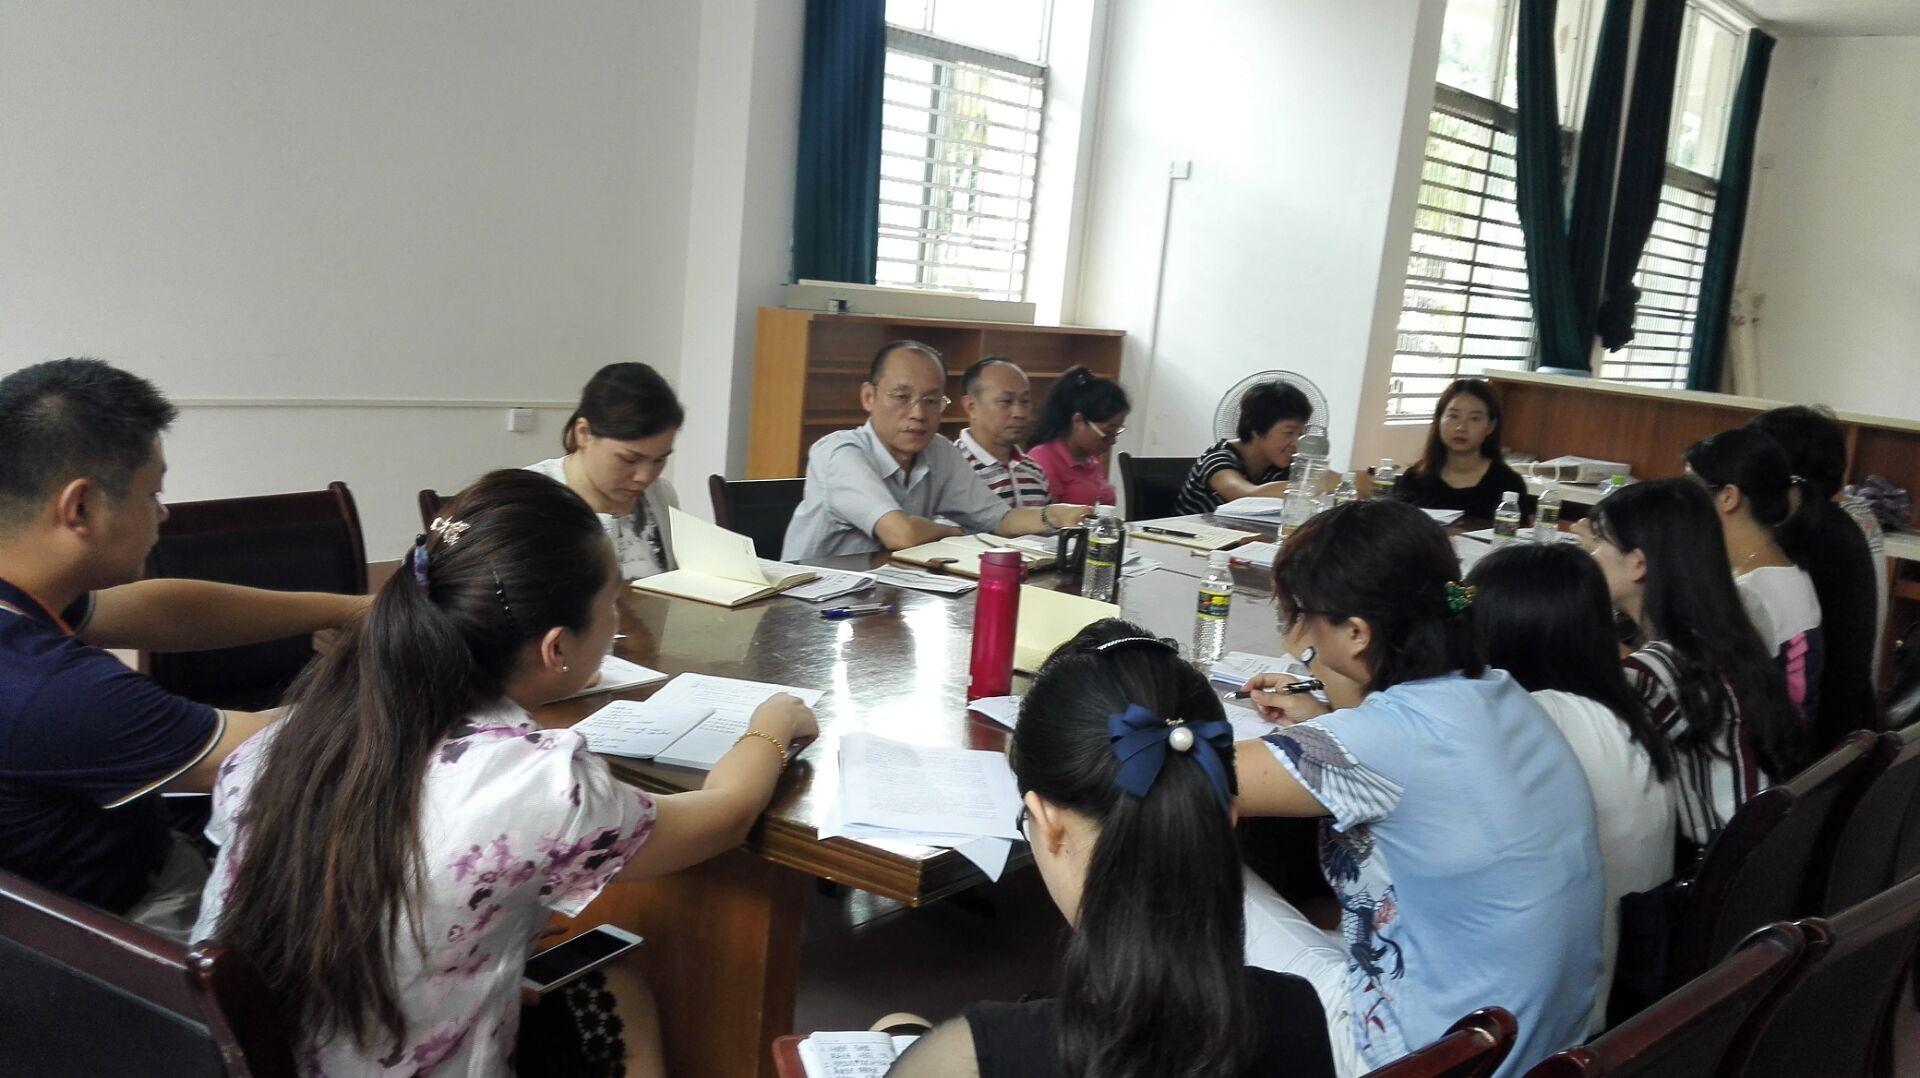 教务处召开新学年开学准备工作会